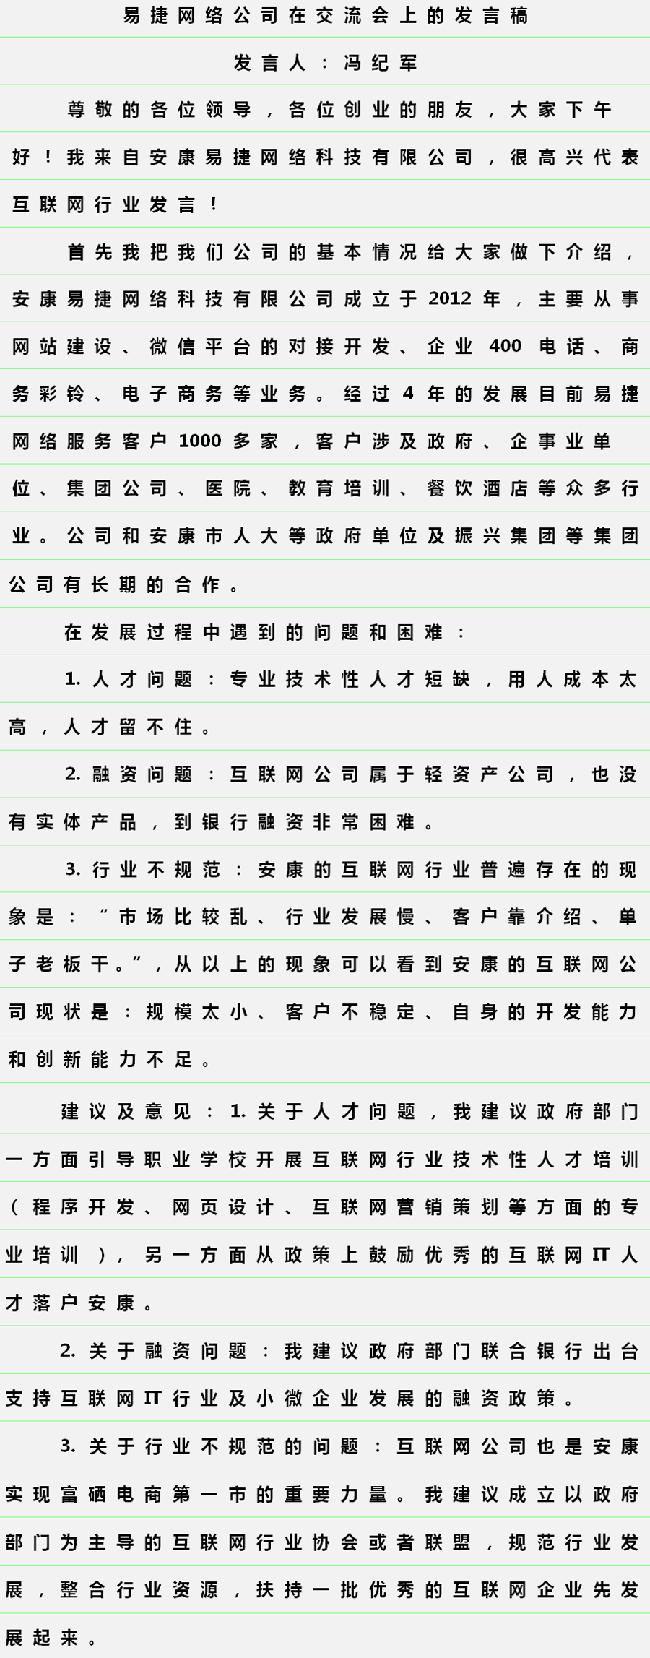 市政协副主席黄晓勇带领工商联领导莅临市青创协会指导工作,易捷网络应邀参会